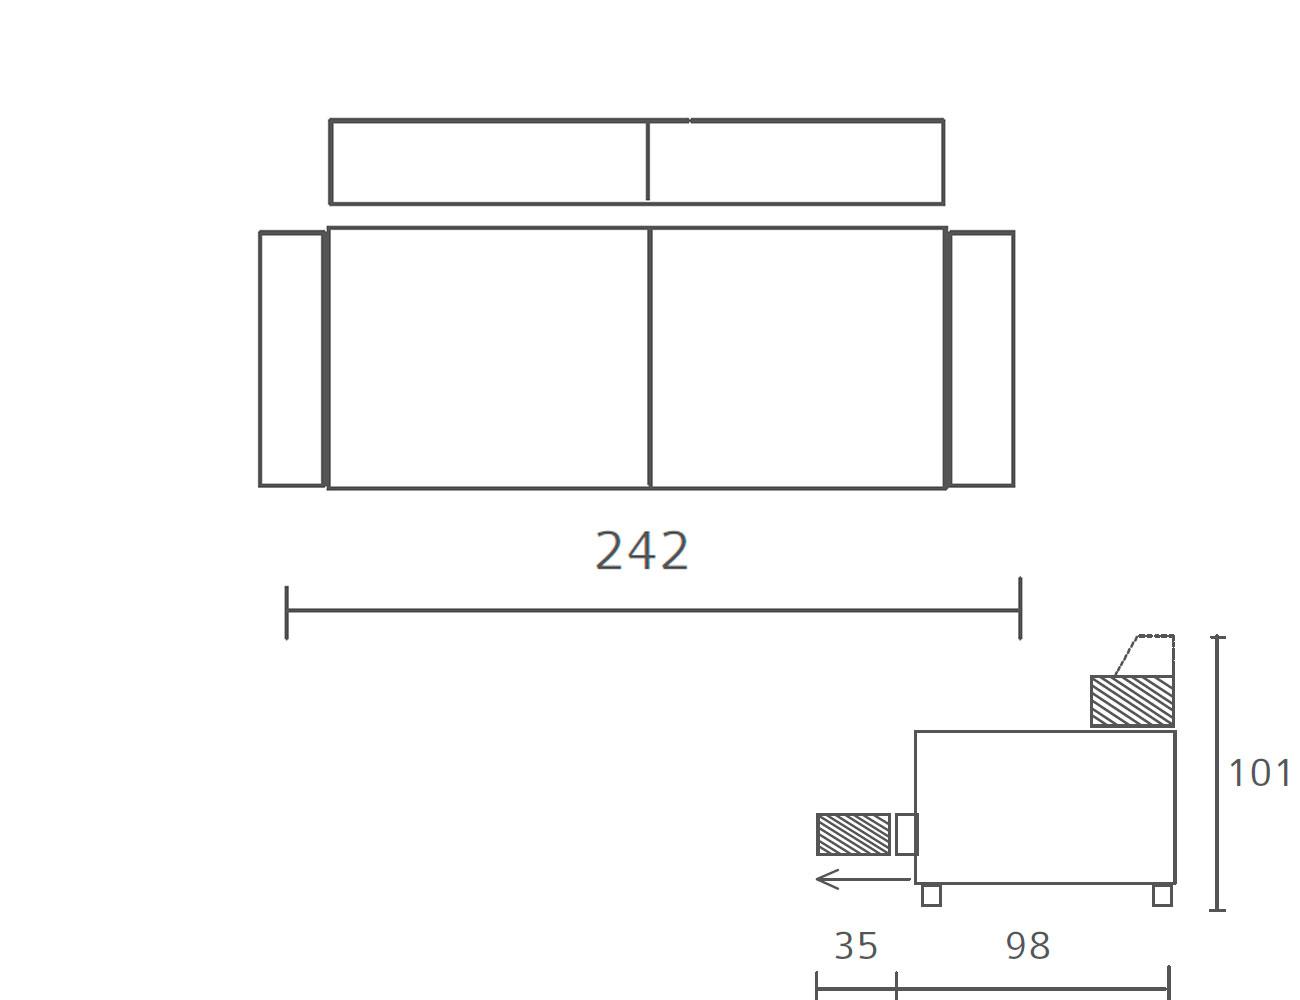 Sofa 2421